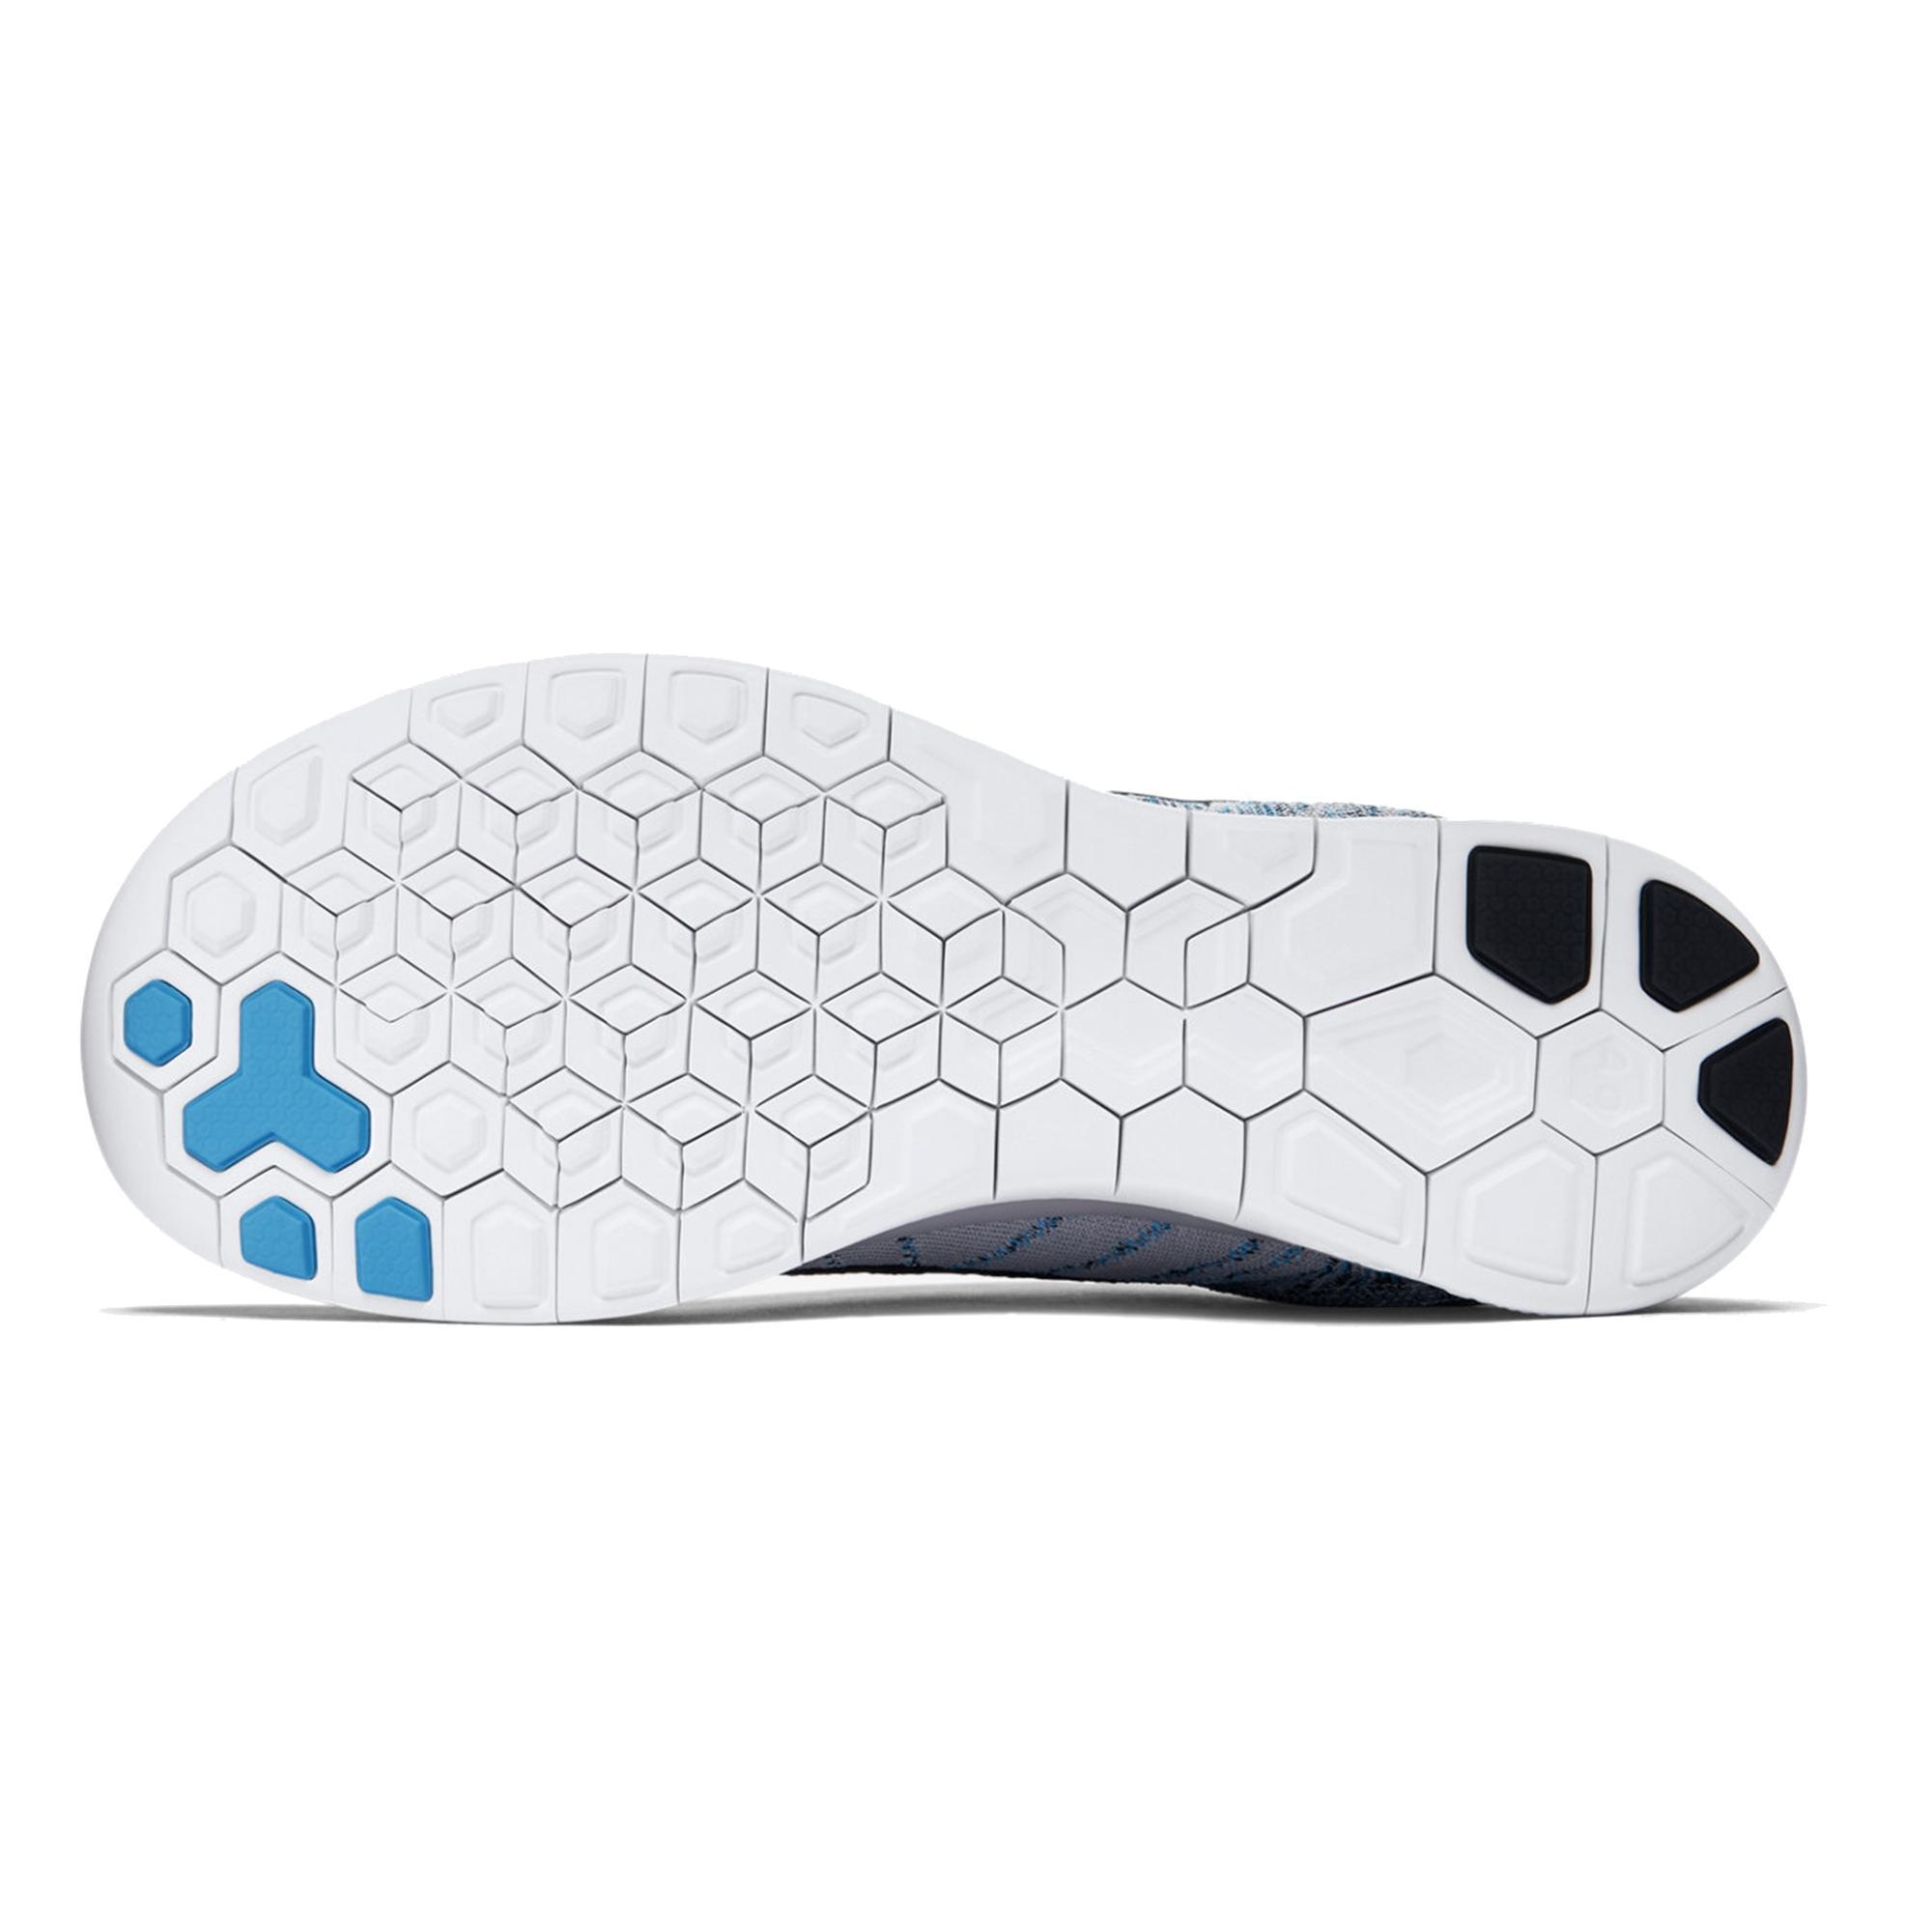 847a2bb2e6b0 ... Nike Free 4.0+ Flyknit Erkek Spor Ayakkabı ...